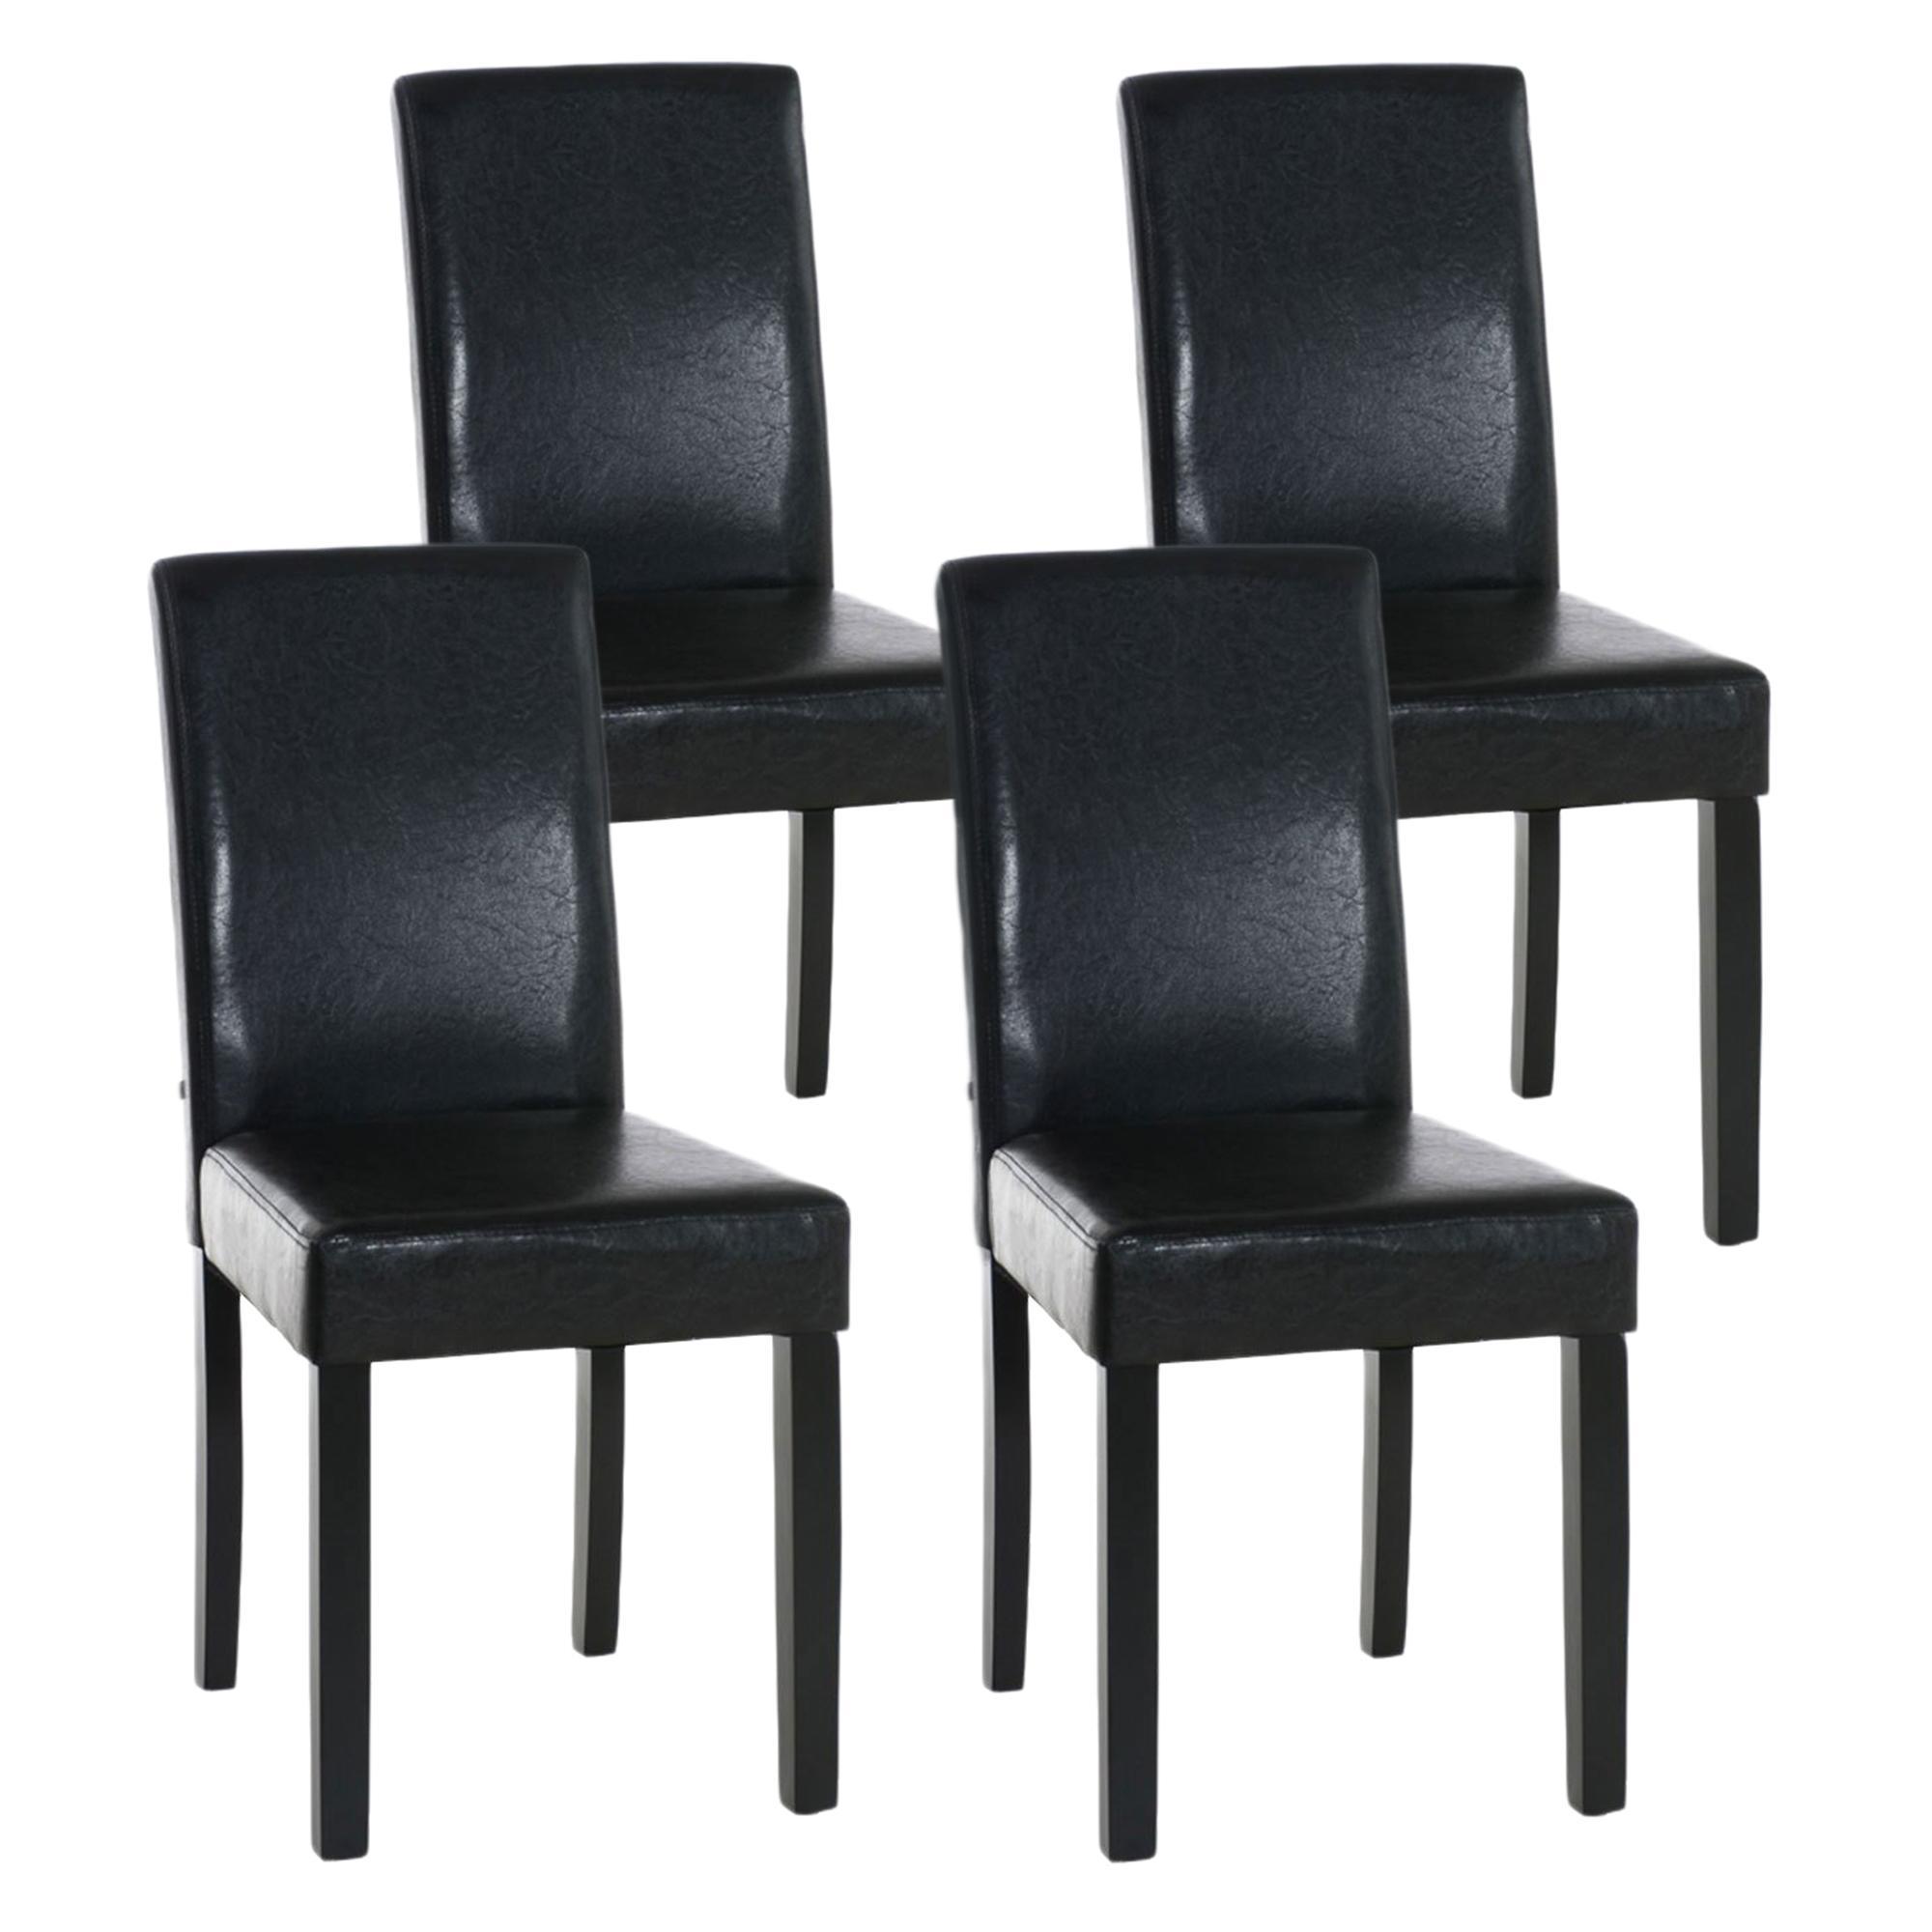 lote de 4 sillas de comedor capri muy c modas y robustas